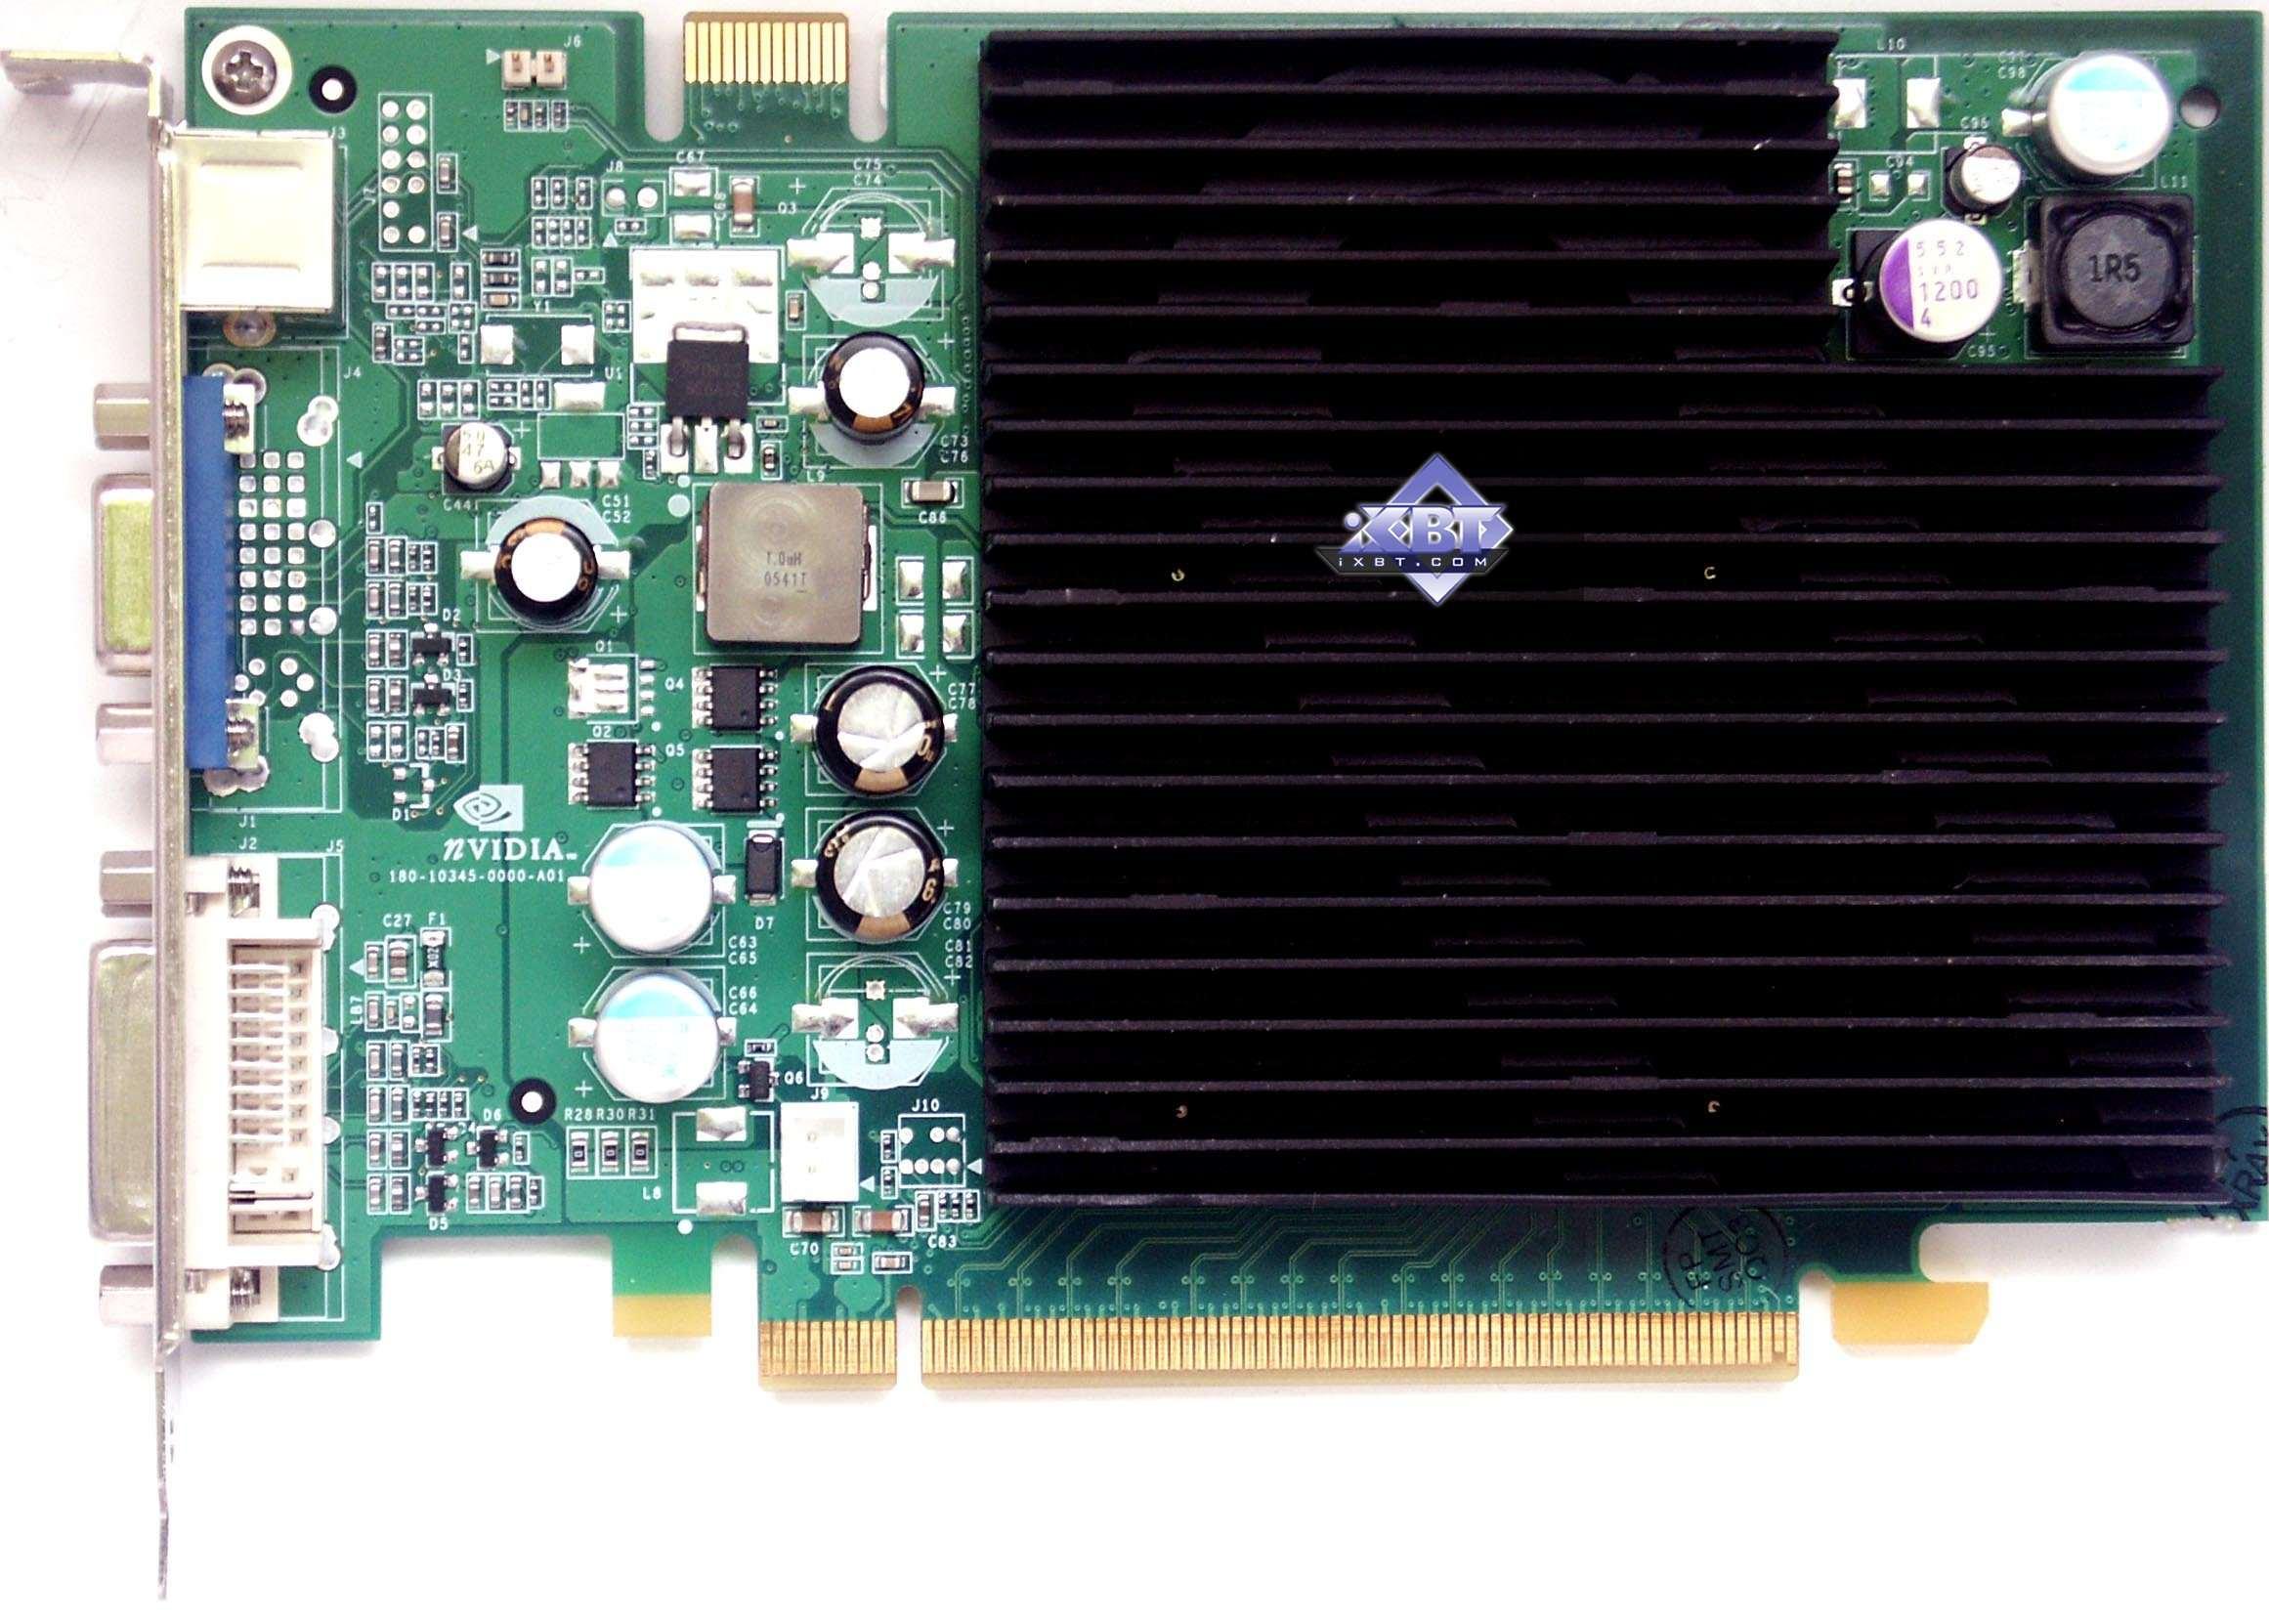 Geforce 7600 Gs Driver